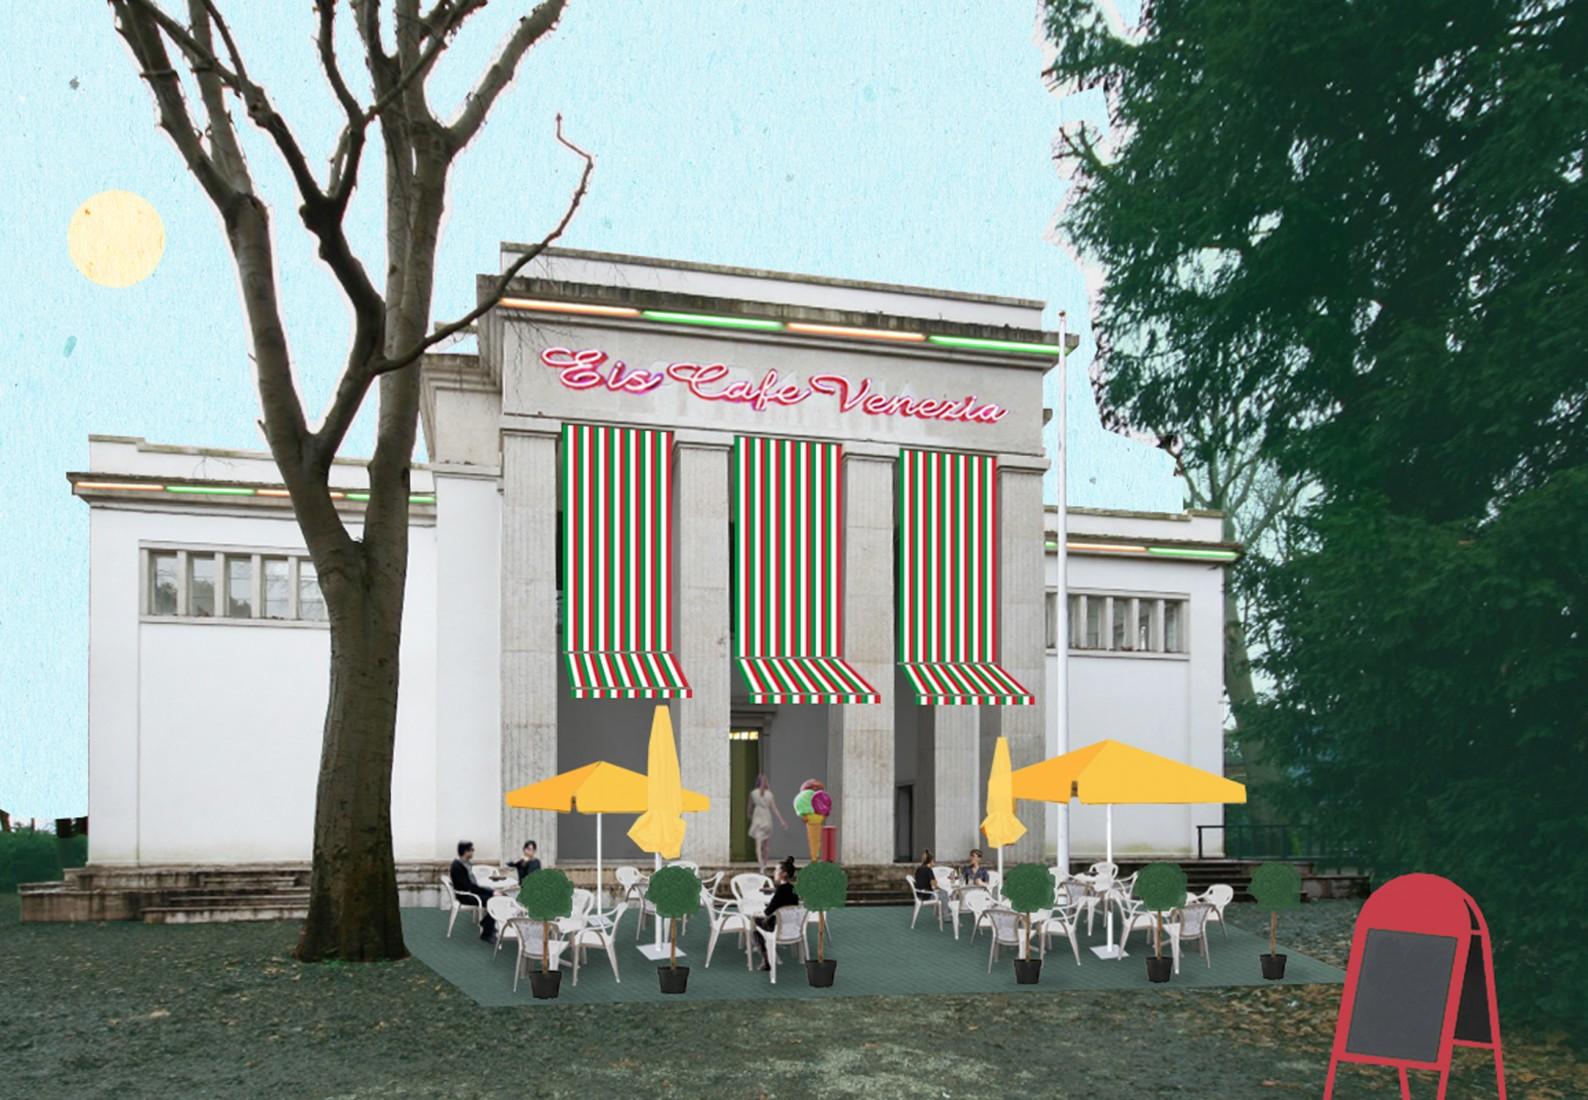 deutscher pavillon venedig biennale bhsf architekten. Black Bedroom Furniture Sets. Home Design Ideas